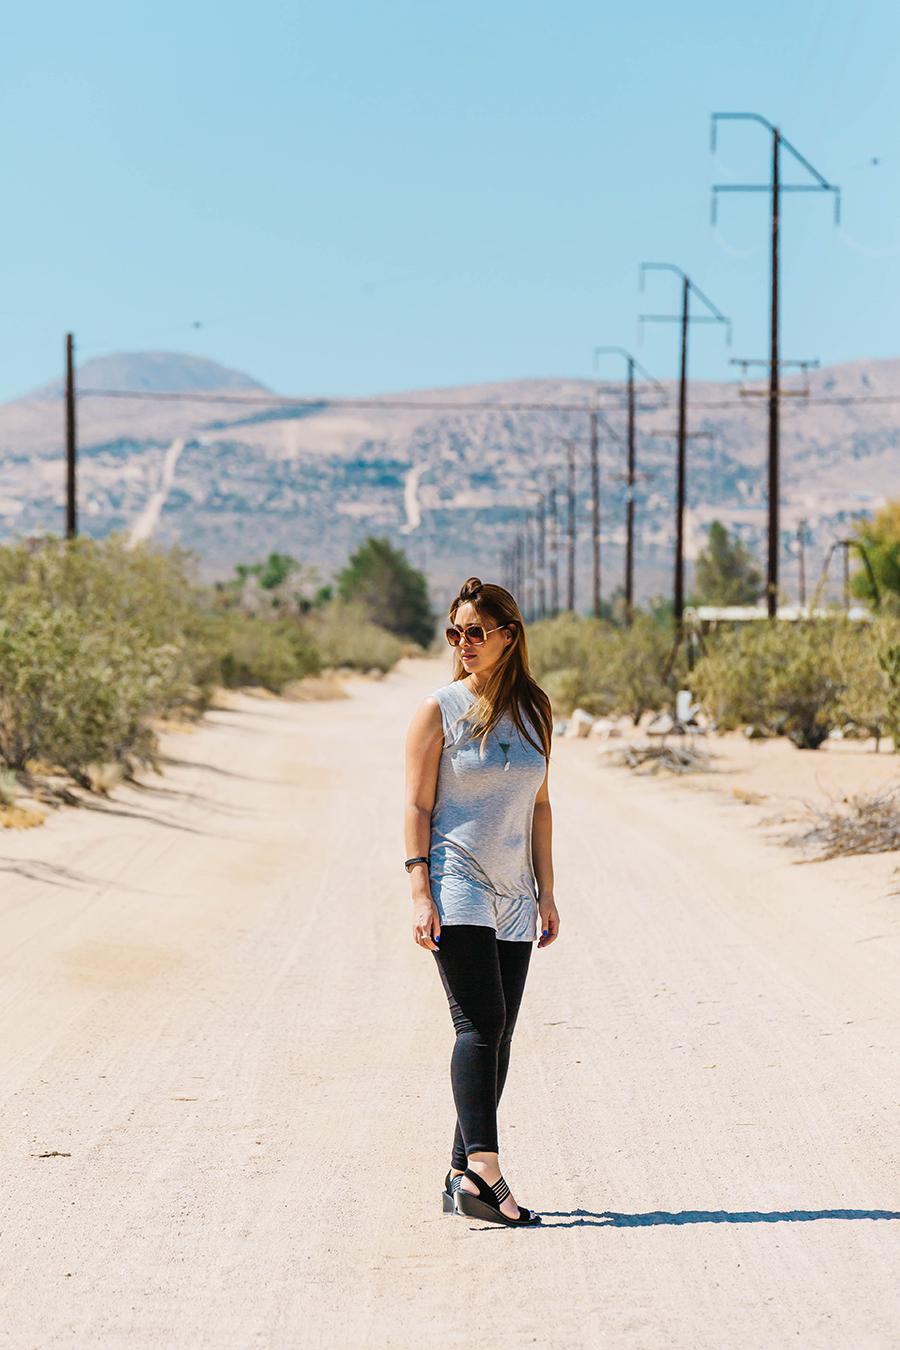 Desert town - Apple Valley